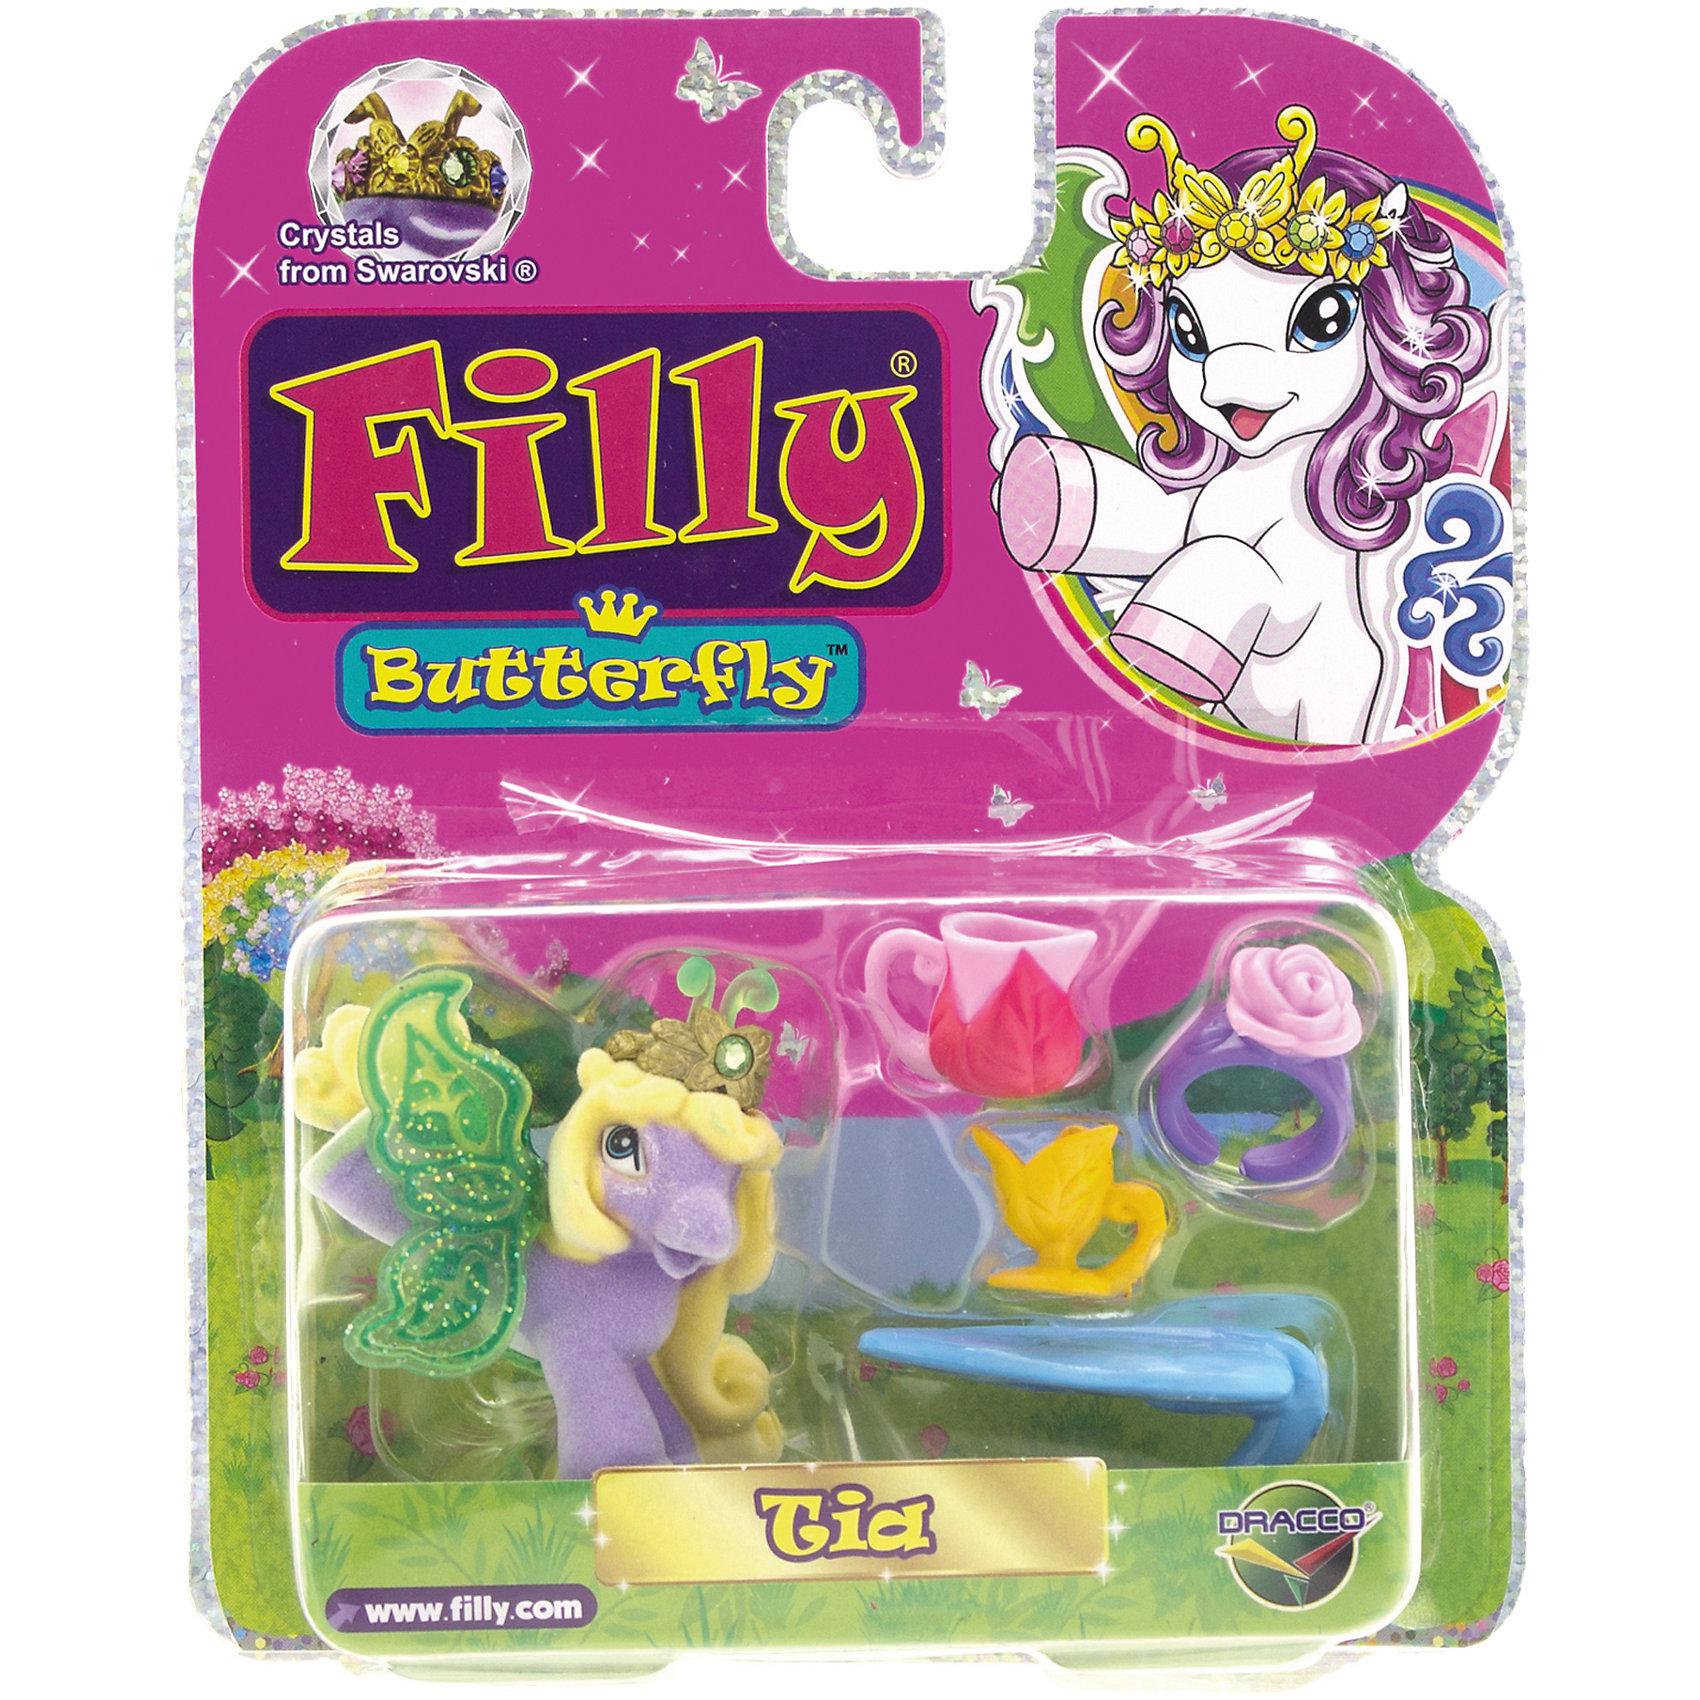 Бабочка с аксессуарами Tia, Filly, DraccoЛошадки-бабочки Filly (Филли) живут в сказочном саду внутри волшебного леса Папиллия. Аккуратные, бархатистые наощупь фигурки приведут в восторг любую девочку и займут достойное место в ее коллекции лошадок. <br>В яркой подарочной упаковке спряталась фигурка лошадки и аксессуары для украшения и декорирования игрушки и ее окружения. Вместе с каждой лошадкой в упаковке вы найдете карточку персонажа и брошюру с описанием других героев серии Filly Butterfly Glitter. <br>У бабочек-лошадок в диадеме есть настоящий кристалл Swarovski. Собери всех прекрасных бабочек, пусть они ходят друг к другу в гости, дружат, меняются аксессуарами. <br>Игрушки выполнены из высококачественных экологичных материалов безопасных для детей. <br><br>Дополнительная информация:<br><br>- Материал: пластик.<br>- Высота фигурки: 6 см.<br>- Фигурка покрыта бархатистым флоком. <br>- Комплектация: фигурка, 4 уникальных аксессуара, карточка, буклет с описанием других лошадок. <br><br>Игровой набор Бабочка с аксессуарами, Tia, Filly, Dracco, можно купить в нашем магазине.<br><br>Ширина мм: 40<br>Глубина мм: 140<br>Высота мм: 170<br>Вес г: 80<br>Возраст от месяцев: 36<br>Возраст до месяцев: 96<br>Пол: Женский<br>Возраст: Детский<br>SKU: 4596136